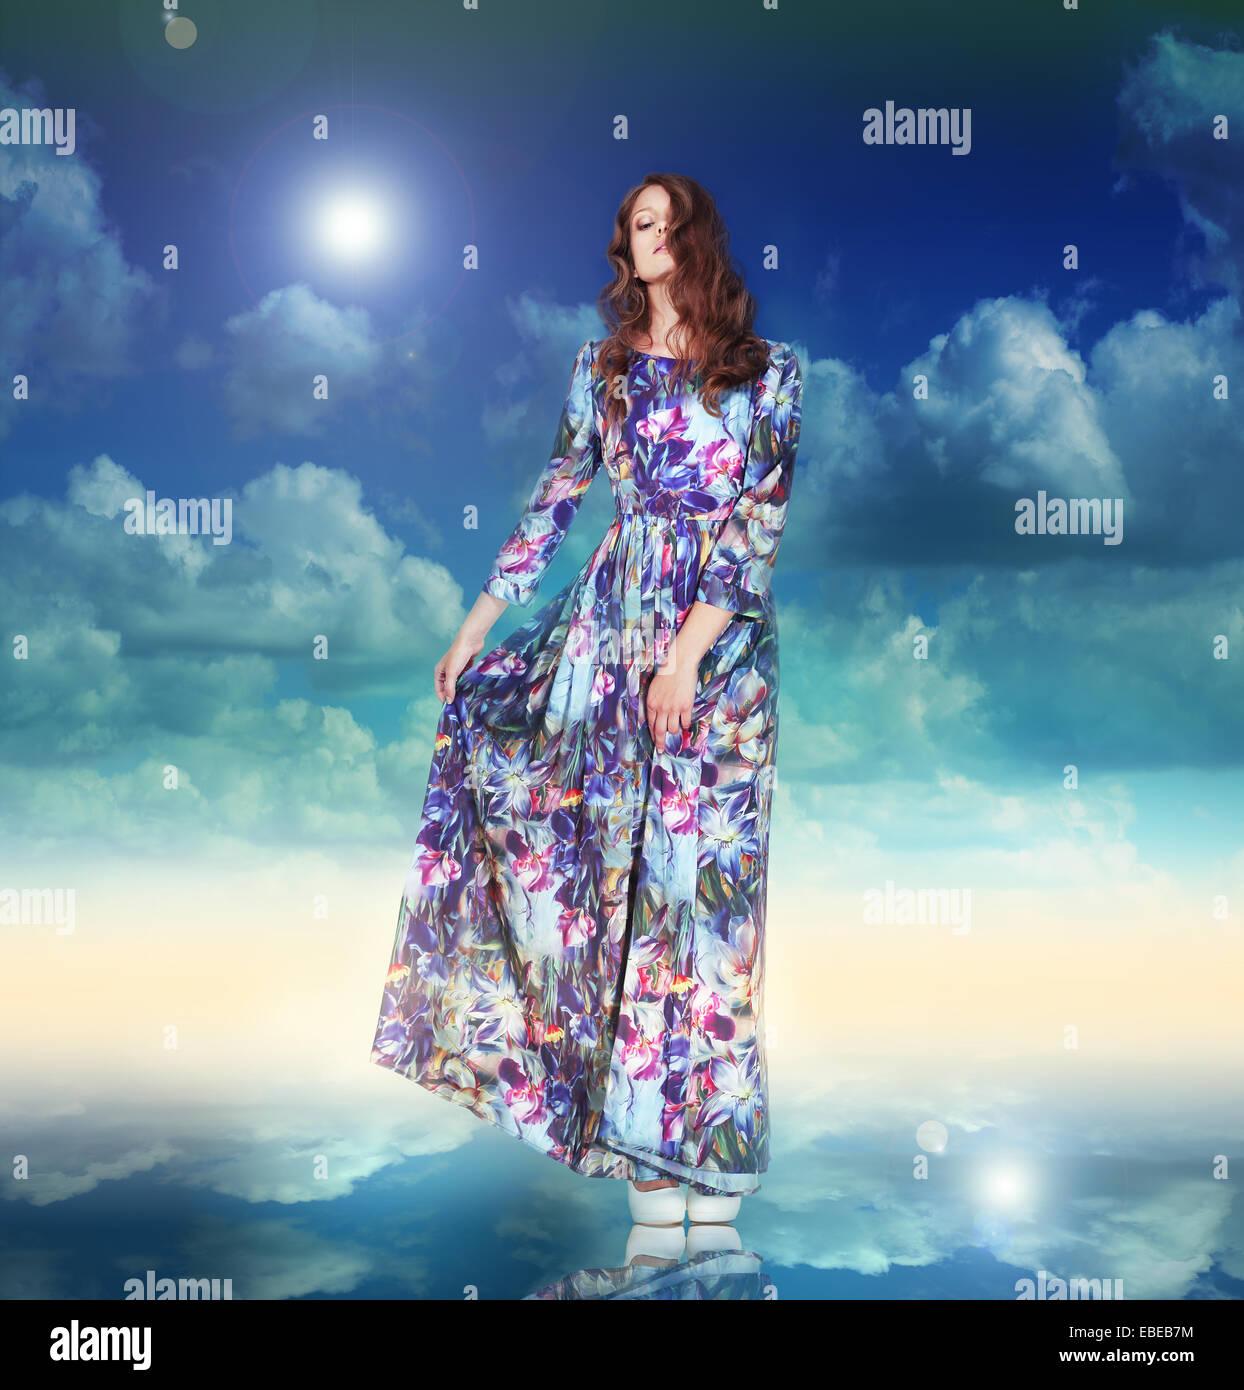 La fantasia. Donna in abito leggero è in bilico tra le nuvole Immagini Stock